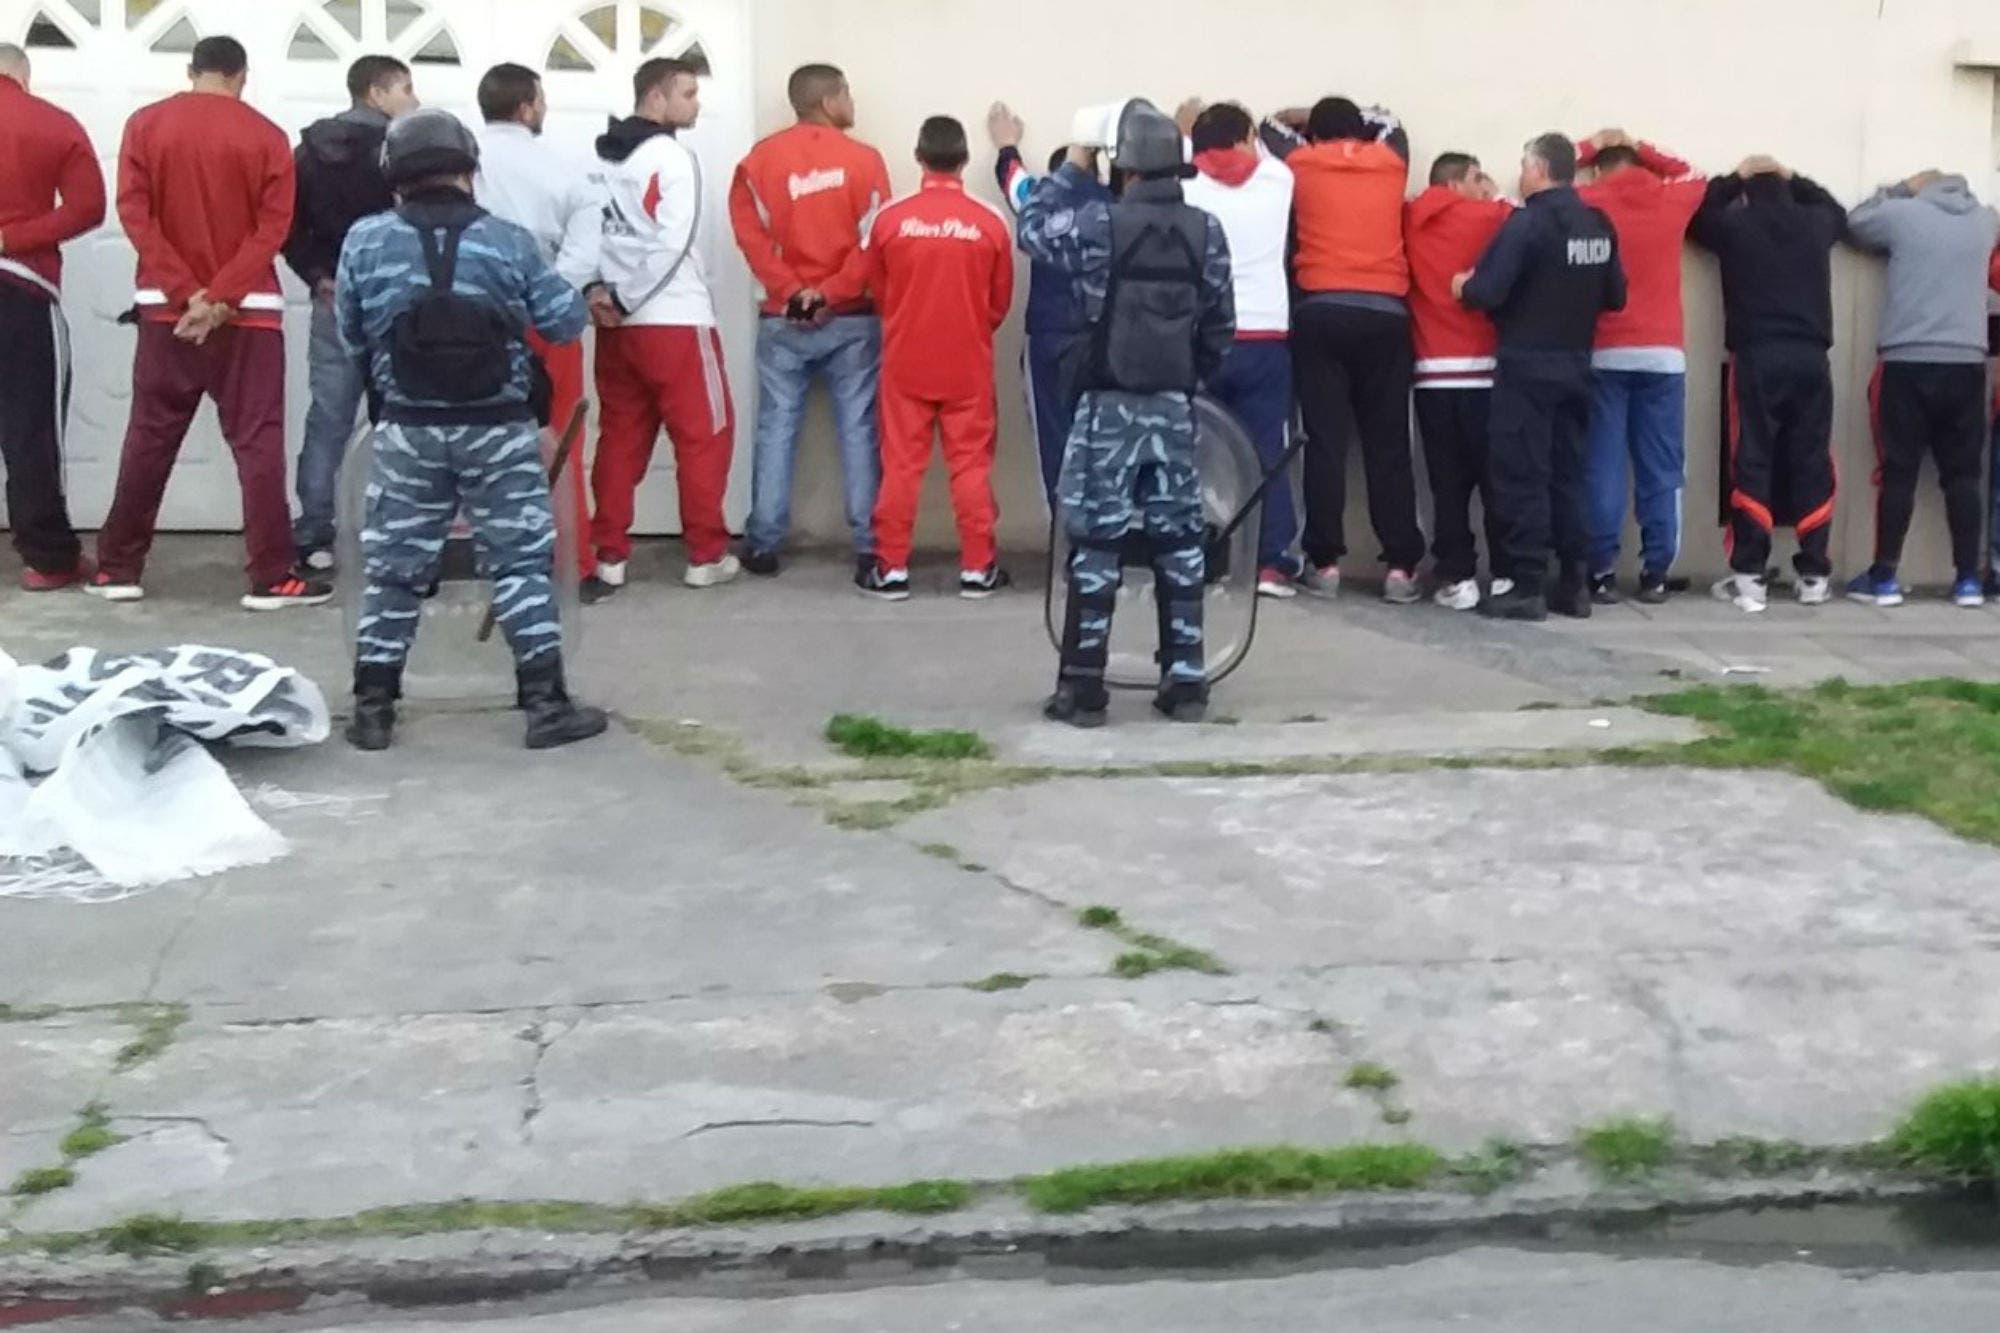 Armas, cuchillos, facas y alcohol: 51 detenidos de la barra de River e incidentes antes del partido con Godoy Cruz